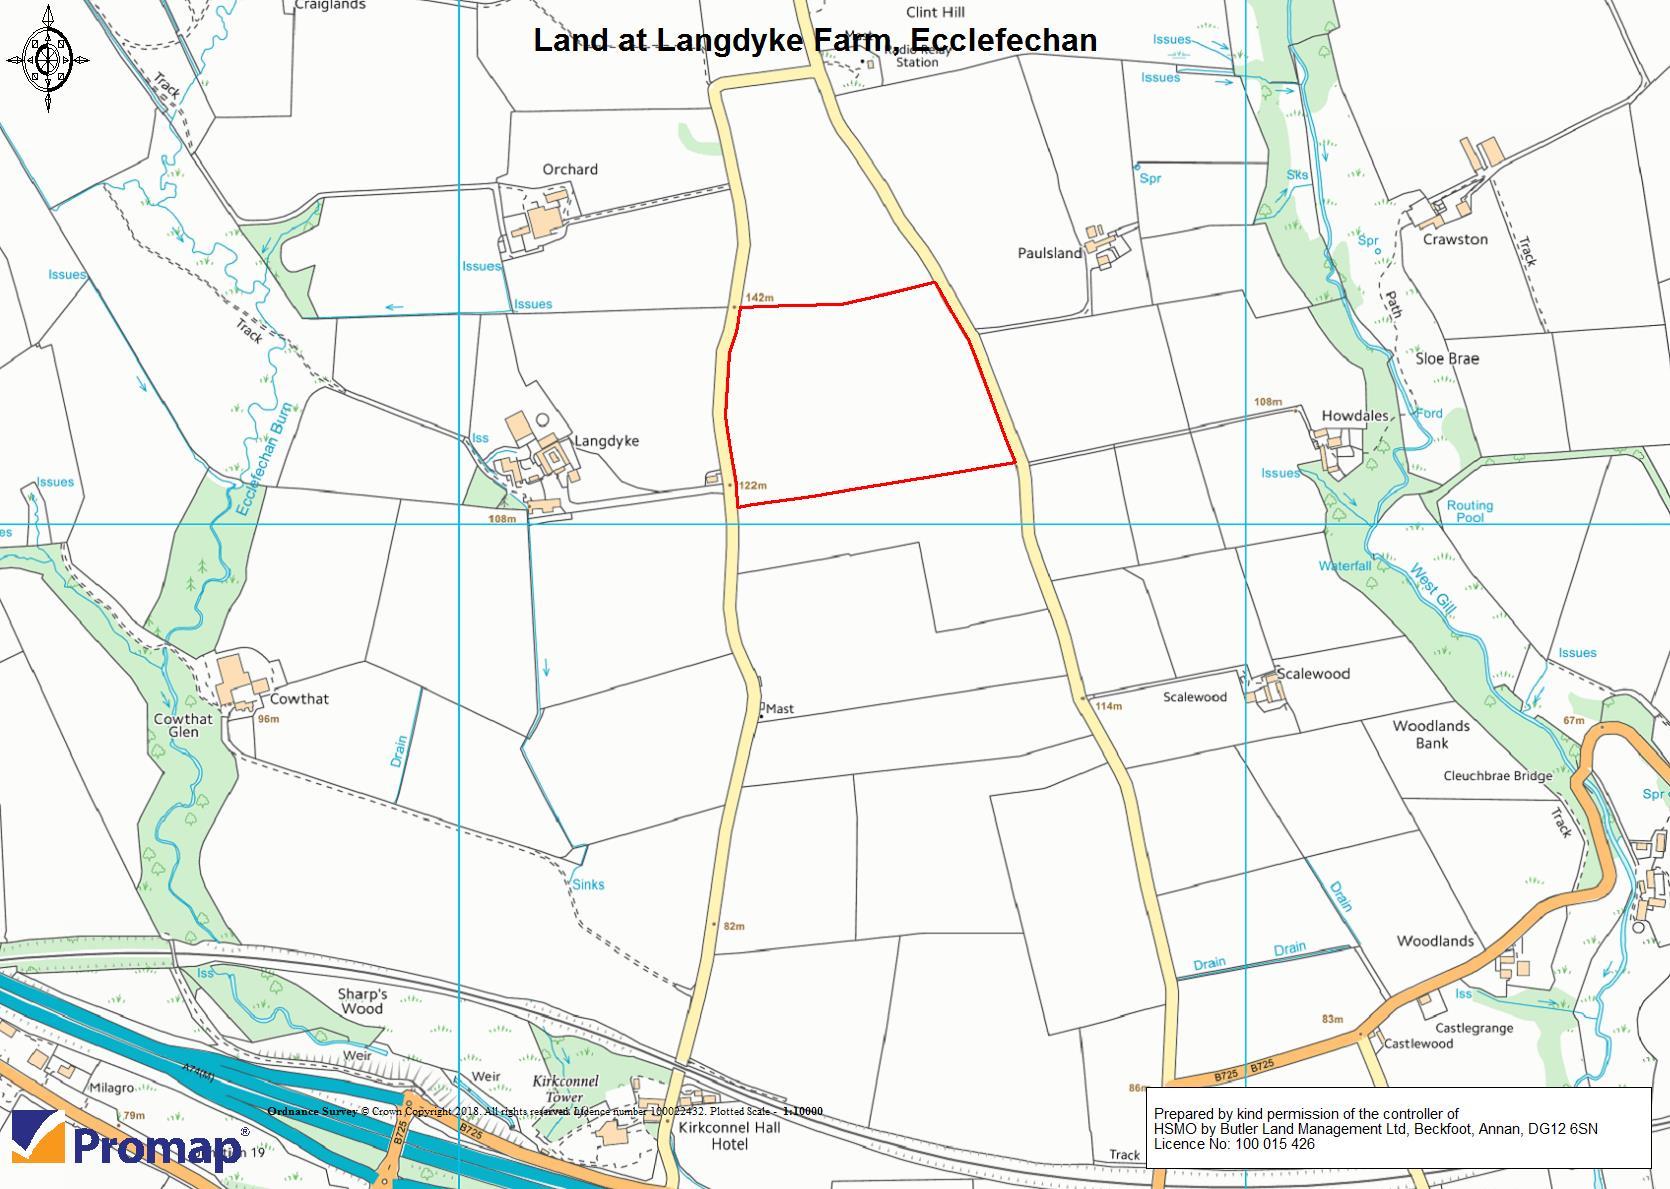 Land at Langdyke, Ecclefechan